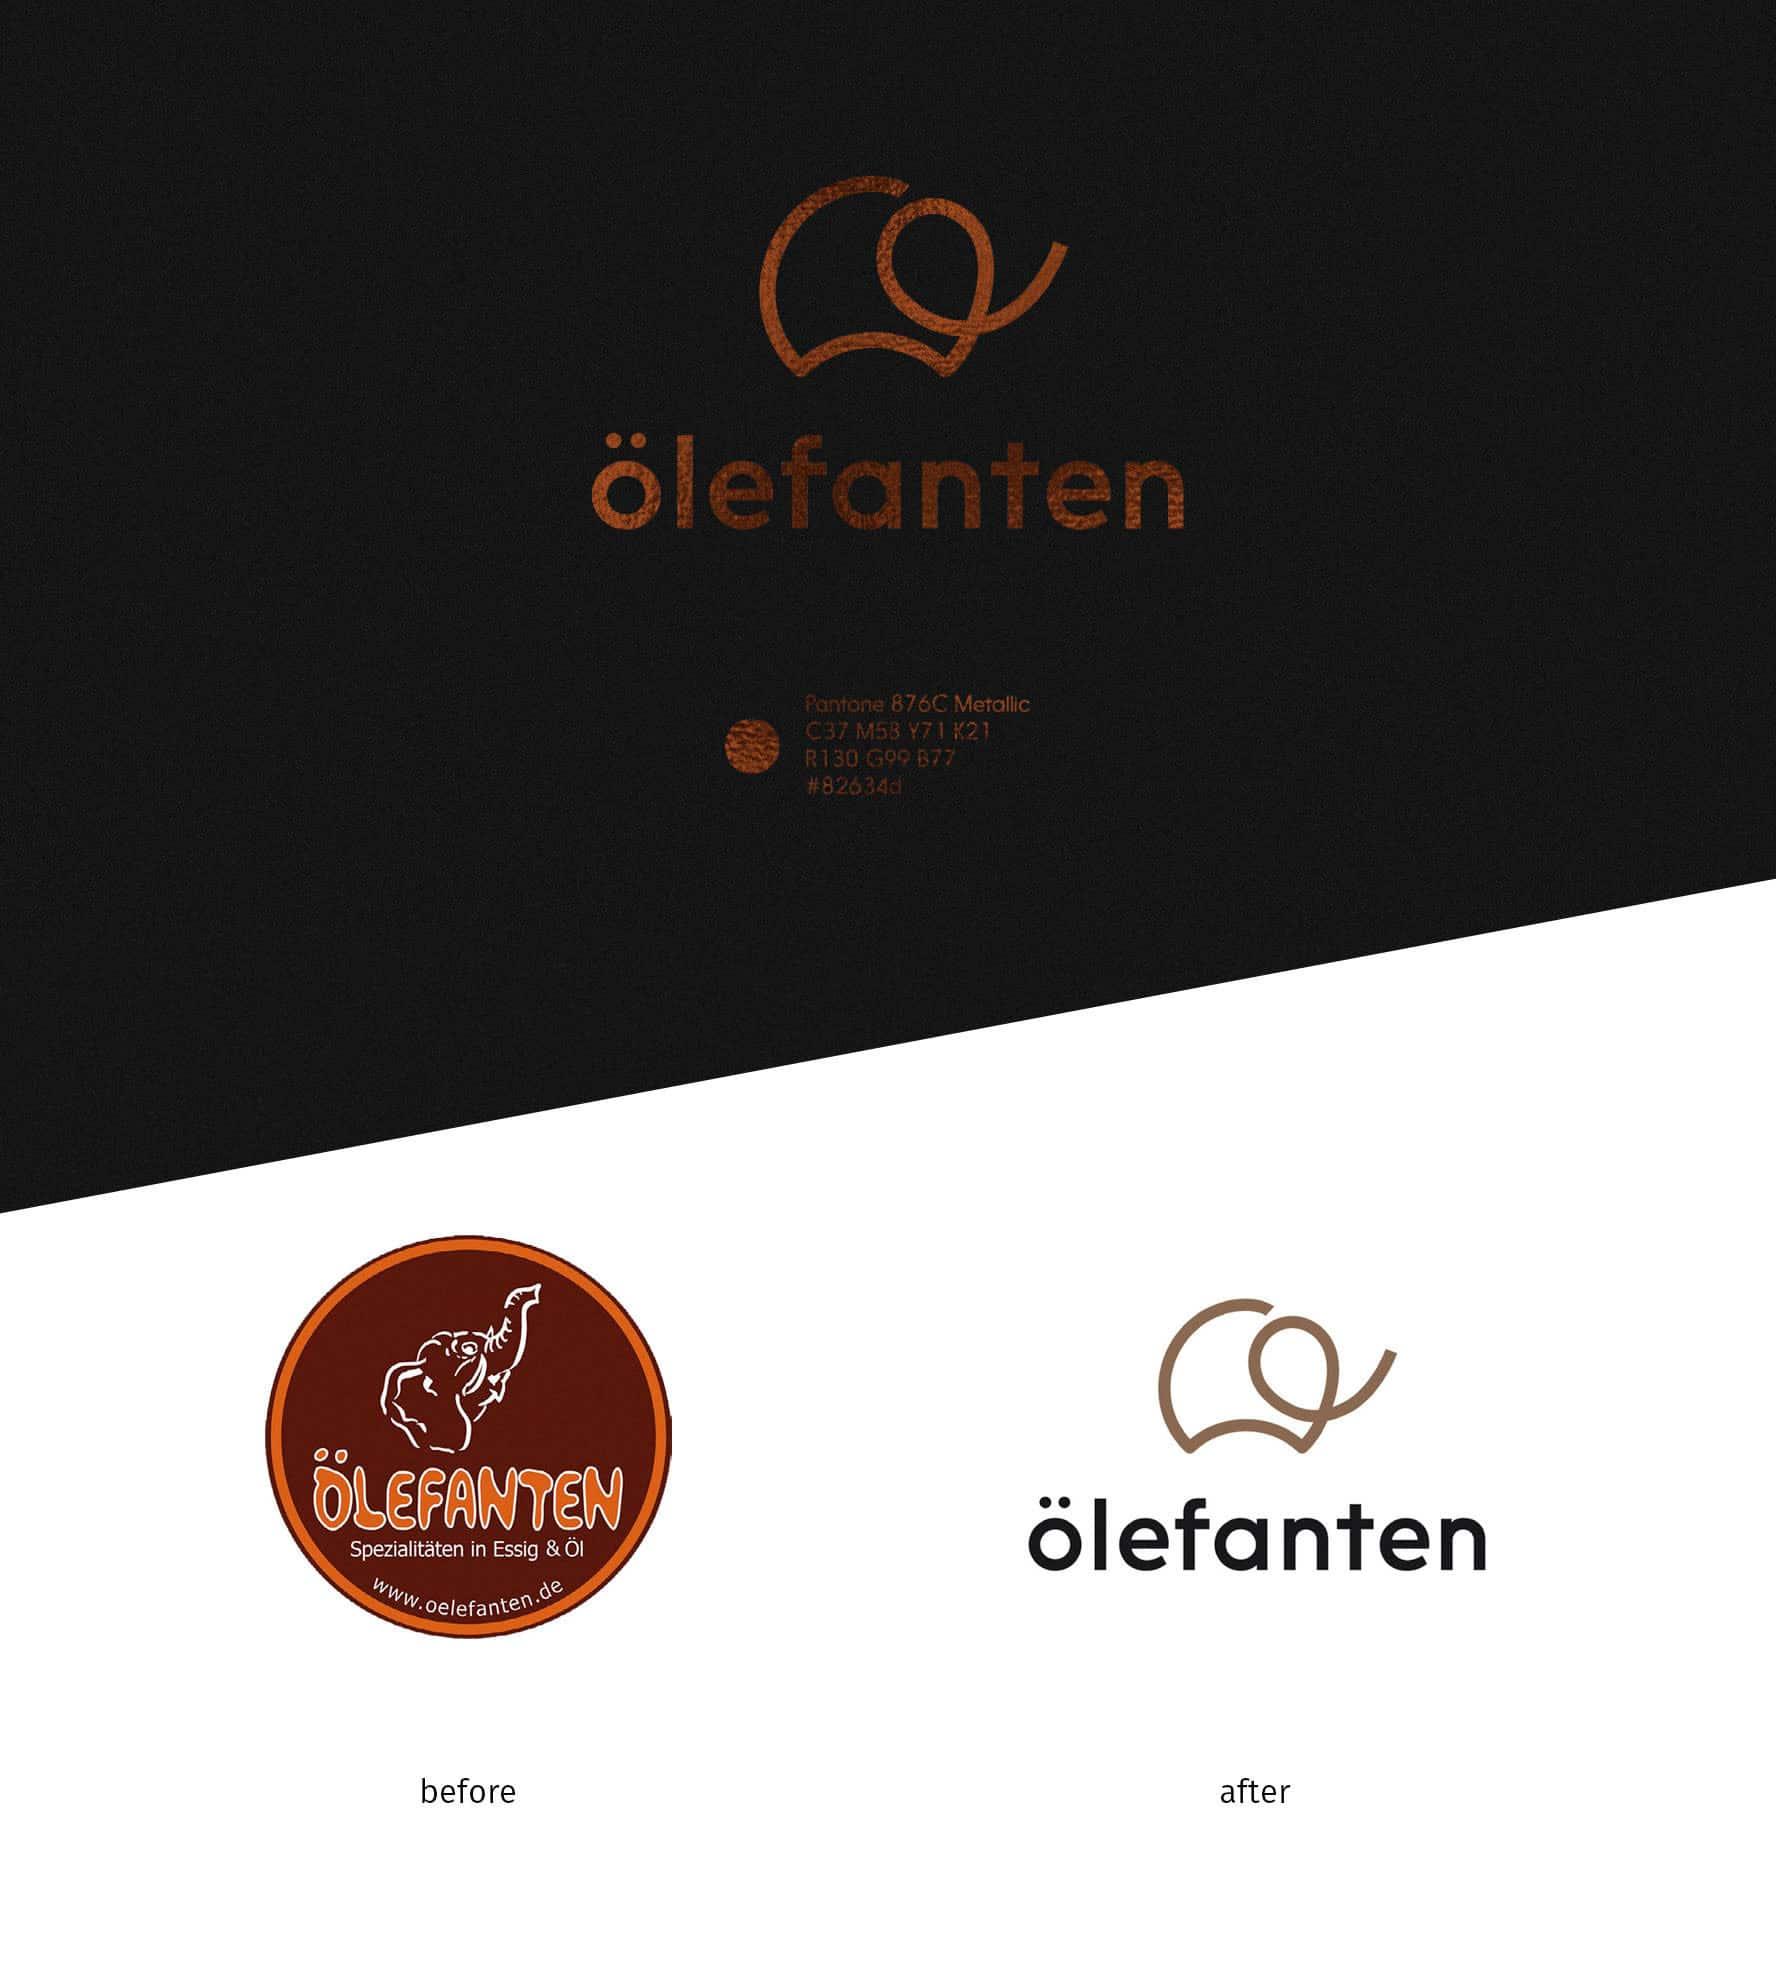 branding-redesign-i-rebranding-redesign-porjektowanie-opakowan-lodz-studio-graficzne-logo-packaging-design-identyfikacja-wizualna